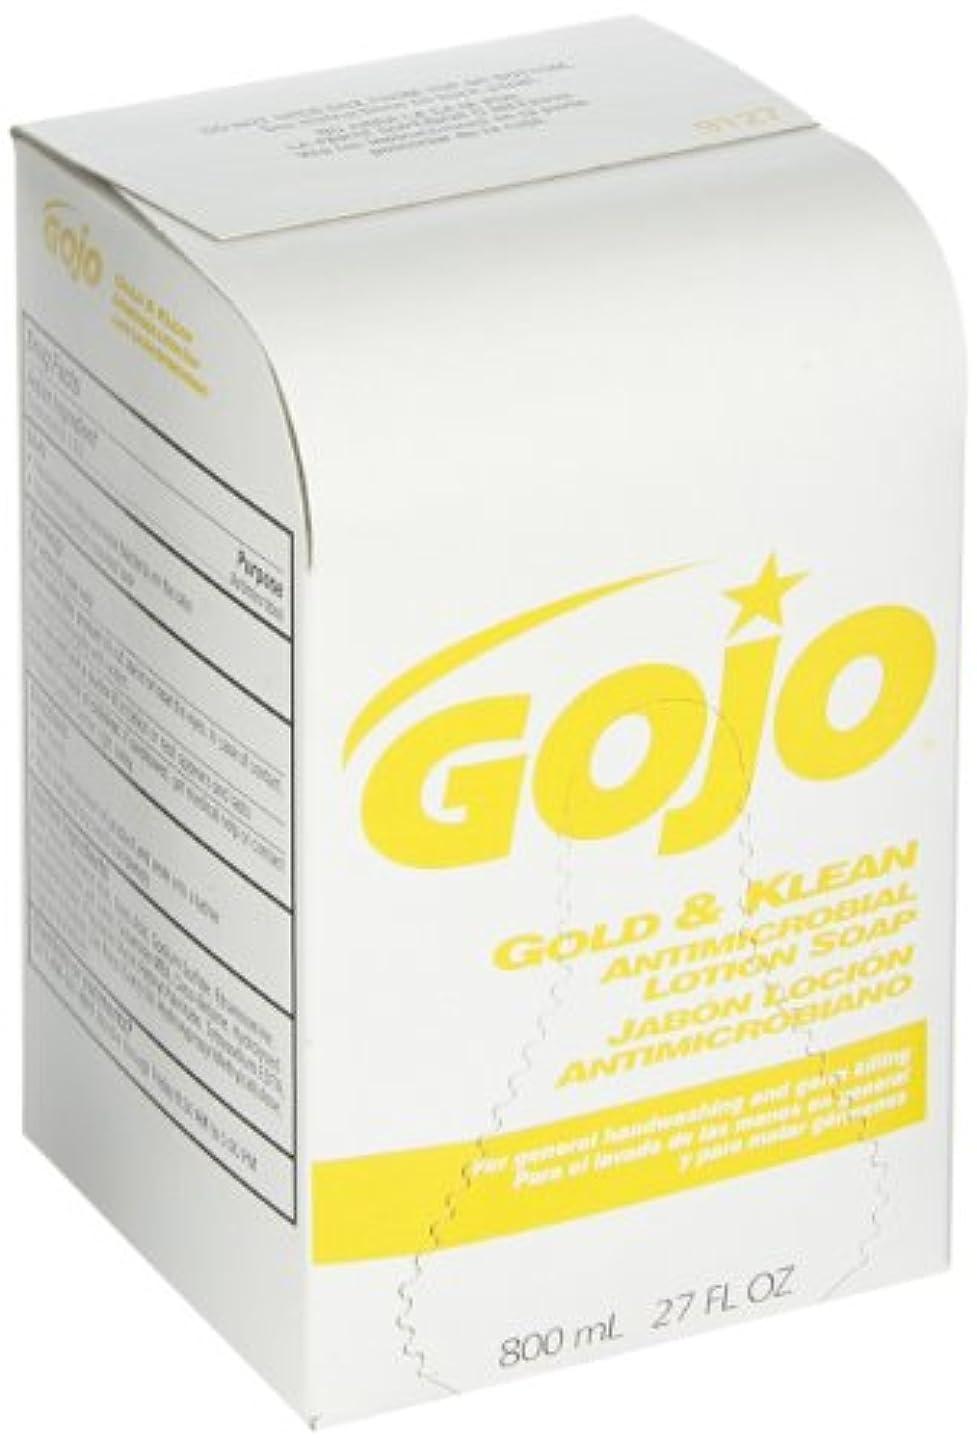 浜辺保証する失速ゴールド& KleanローションSoap bag-in-boxディスペンサー詰め替え、フローラルBalsam、800 ml